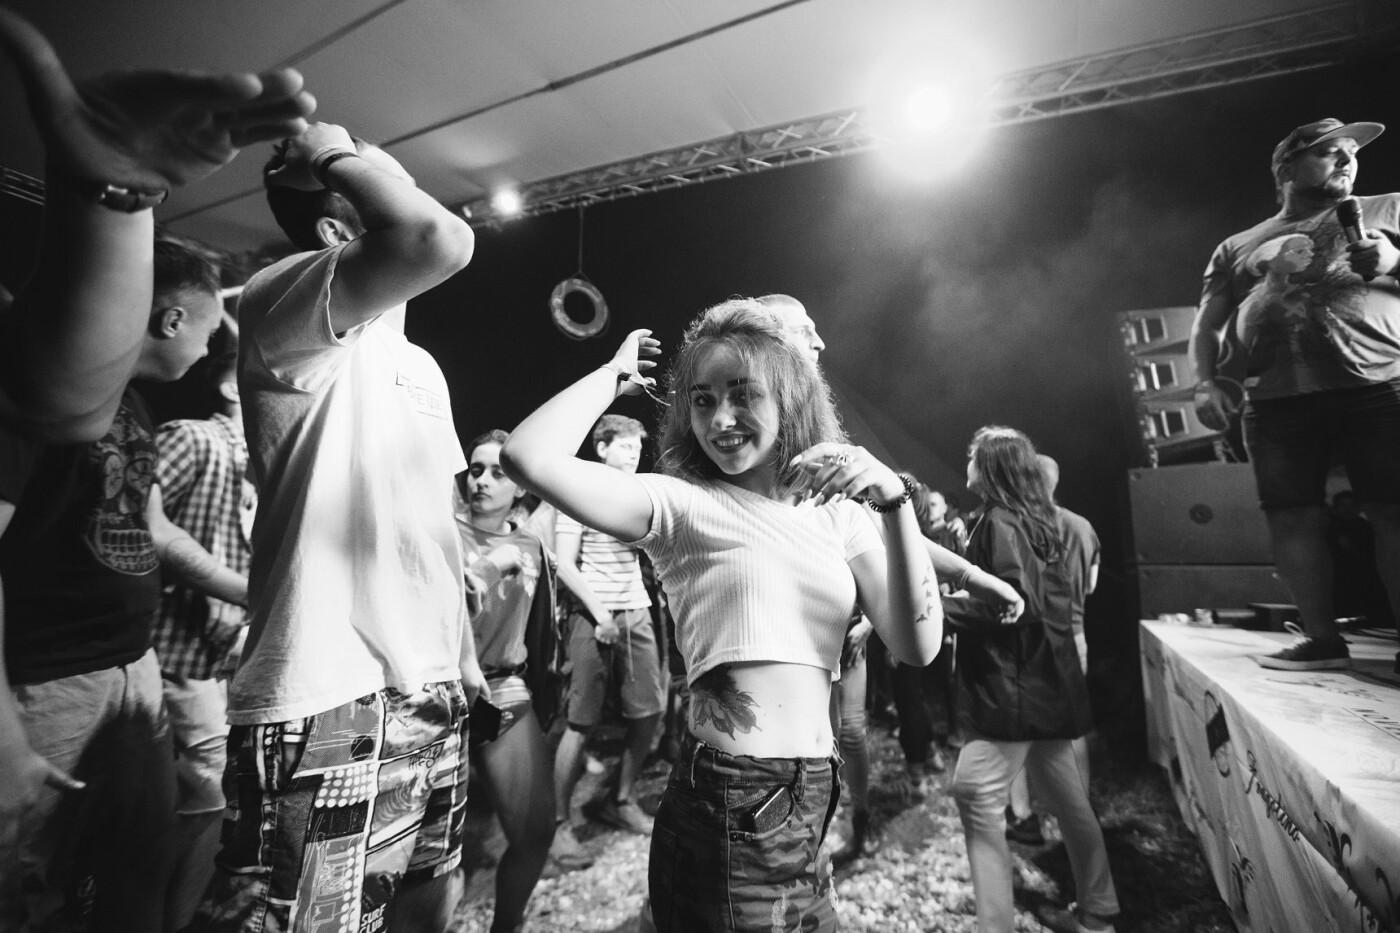 Пропозиція руки та серця, танці до світанку: нічне життя Novellina Beach Stage (фоторепортаж), фото-3